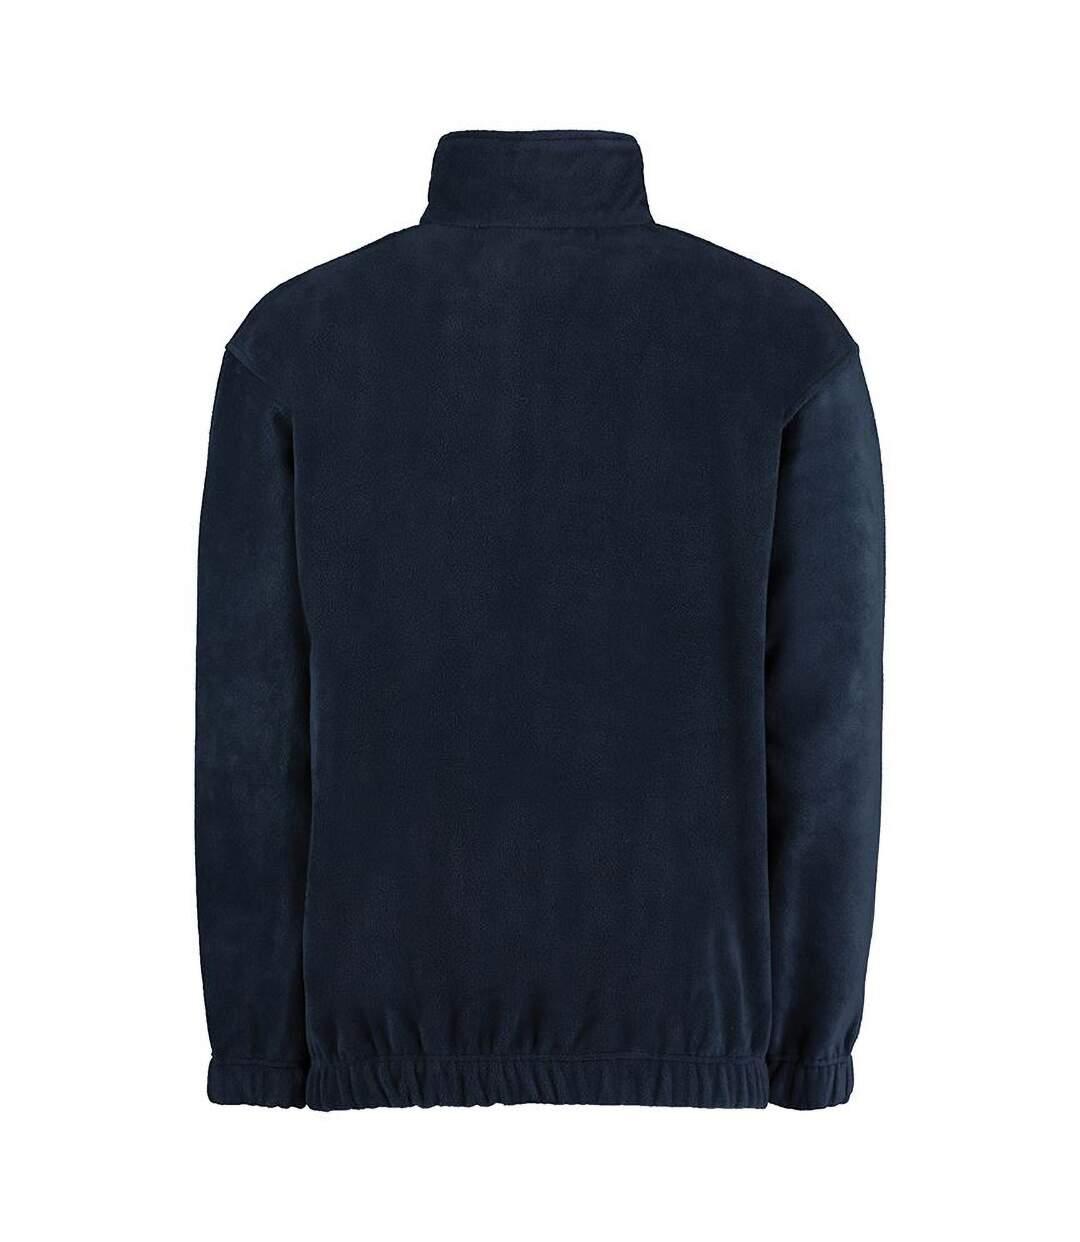 Grizzly® Full Zip Active Fleece Jacket (Navy) - UTRW535